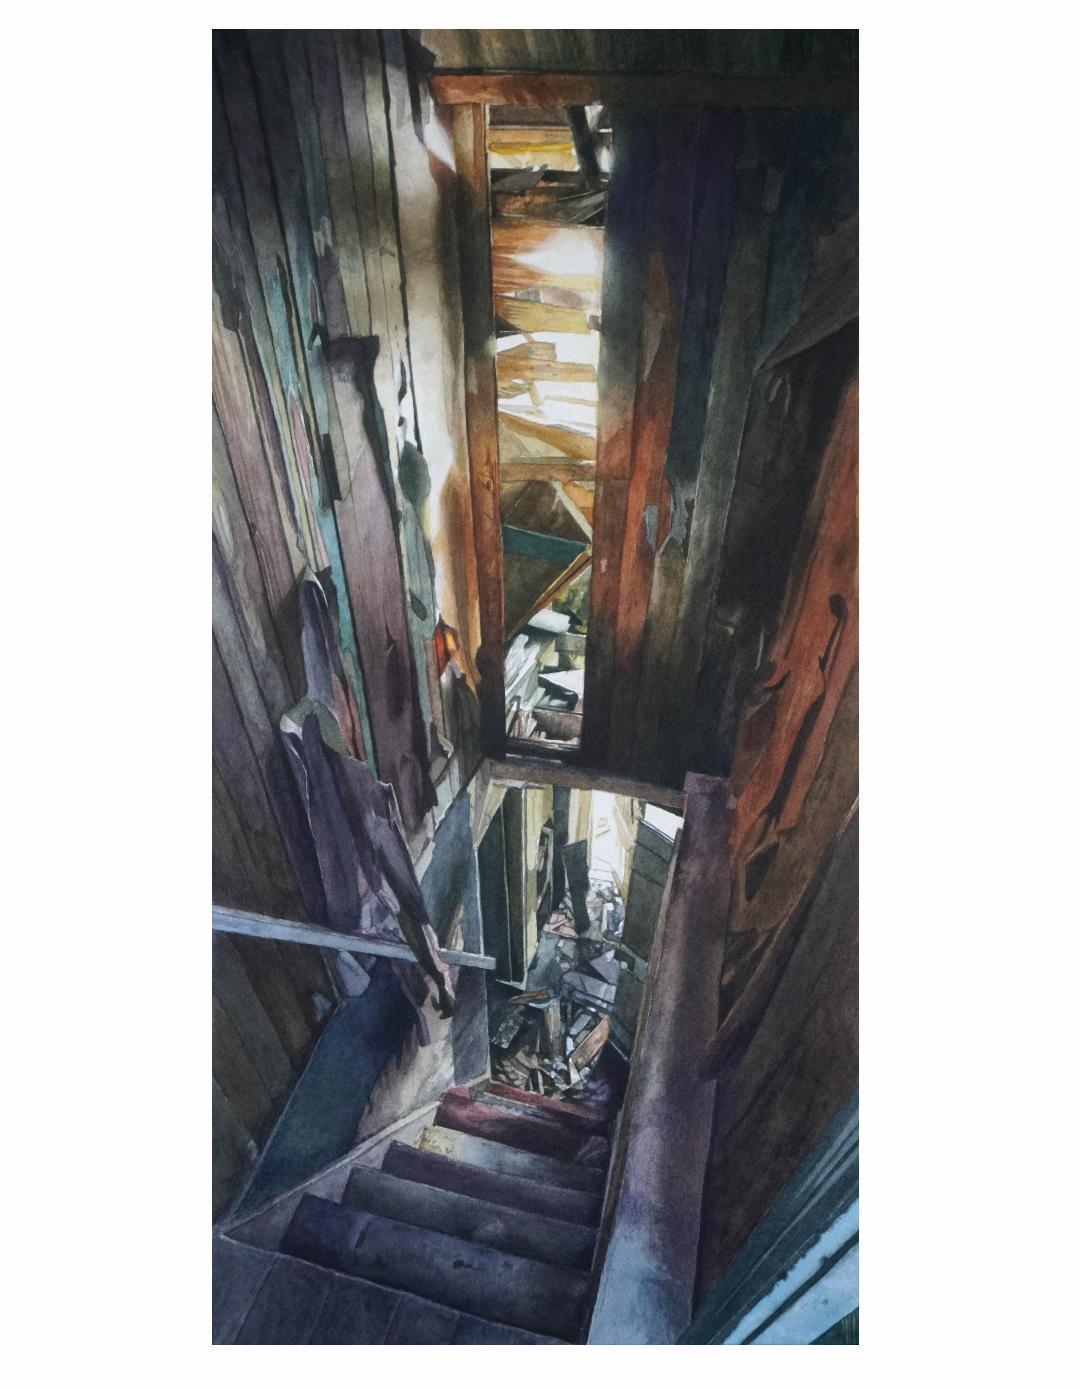 Abandoned House Image